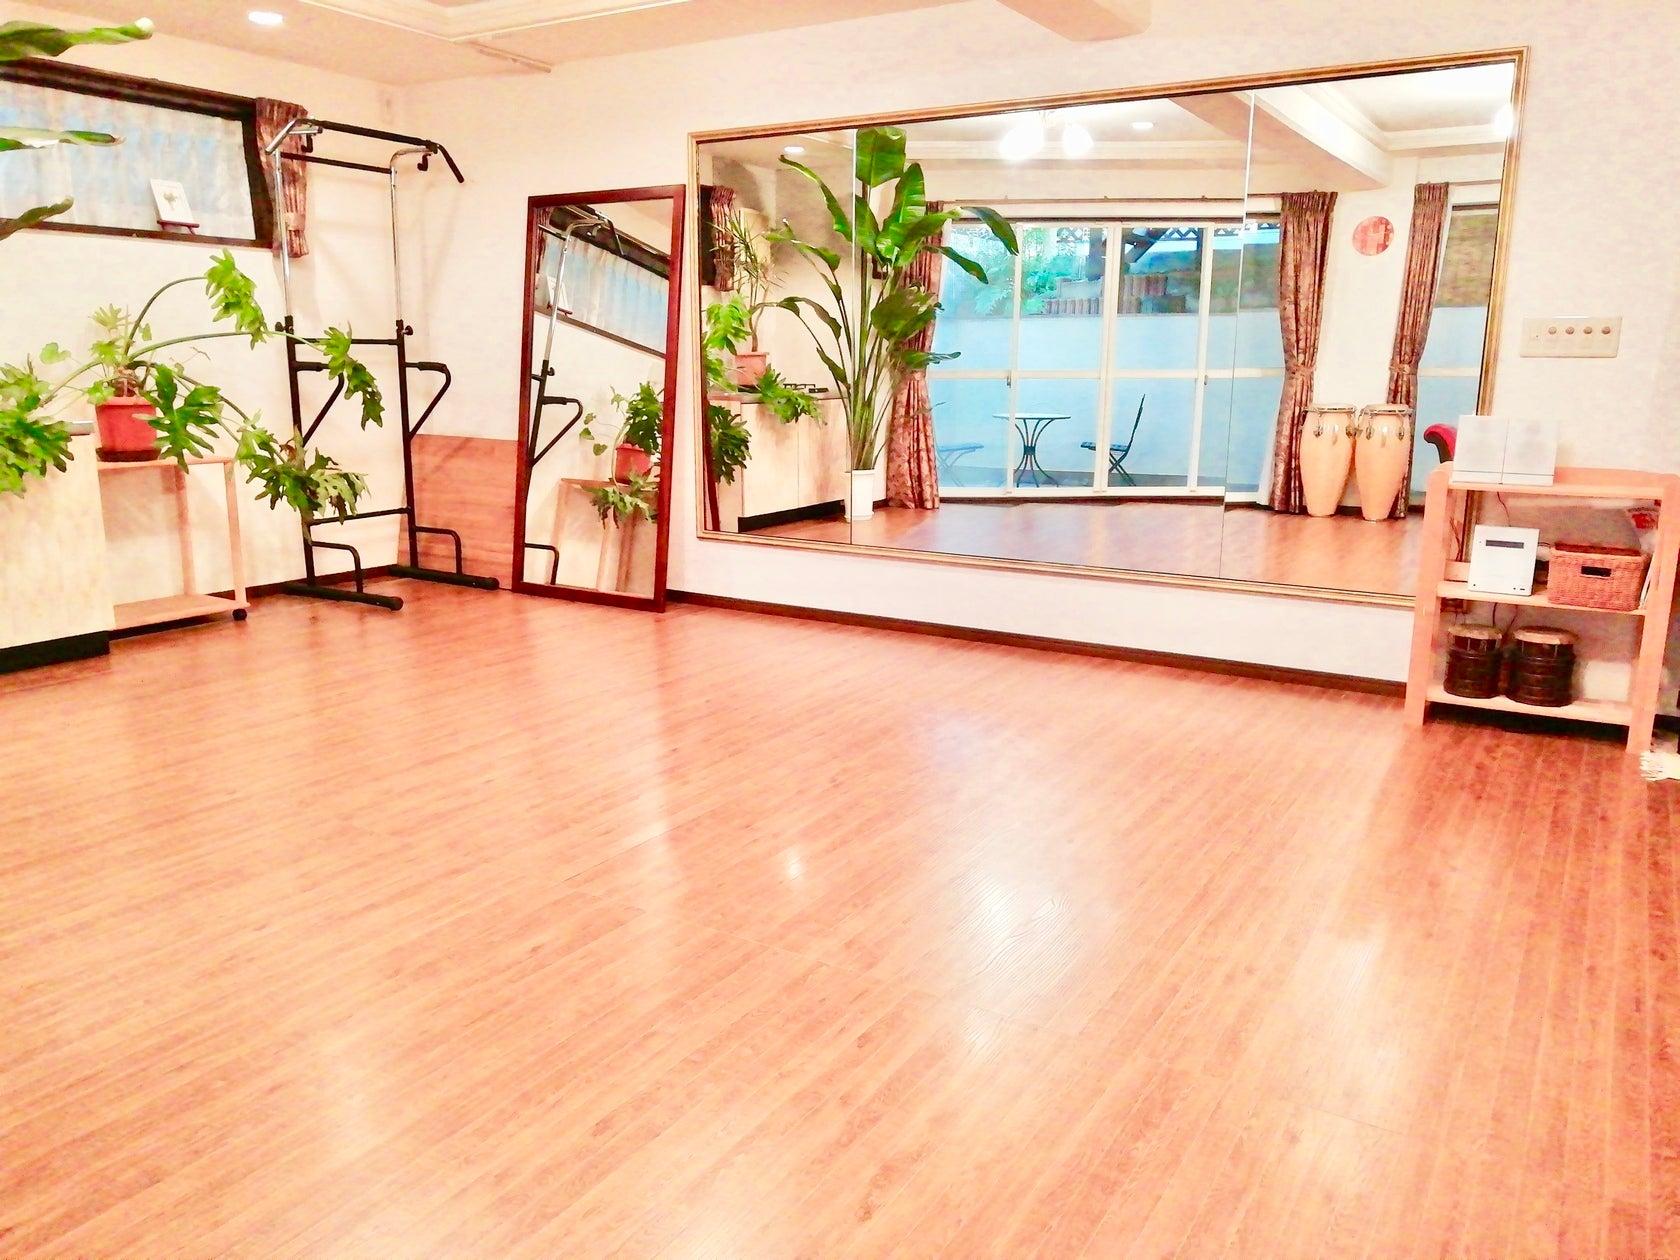 ダンス・ヨガ・ワークショップに!下北沢の隠れ家スタジオ Studio BAILA 下北沢